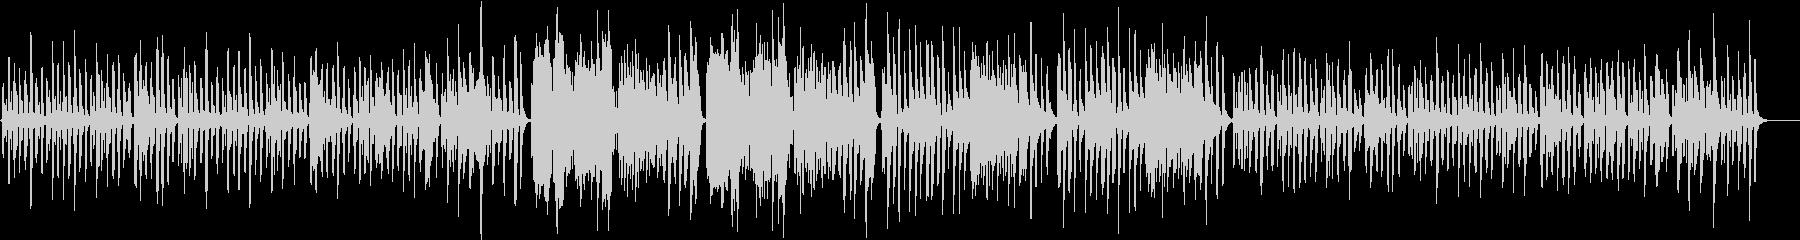 ゴセックのガヴォットを生ヴァイオリンでの未再生の波形